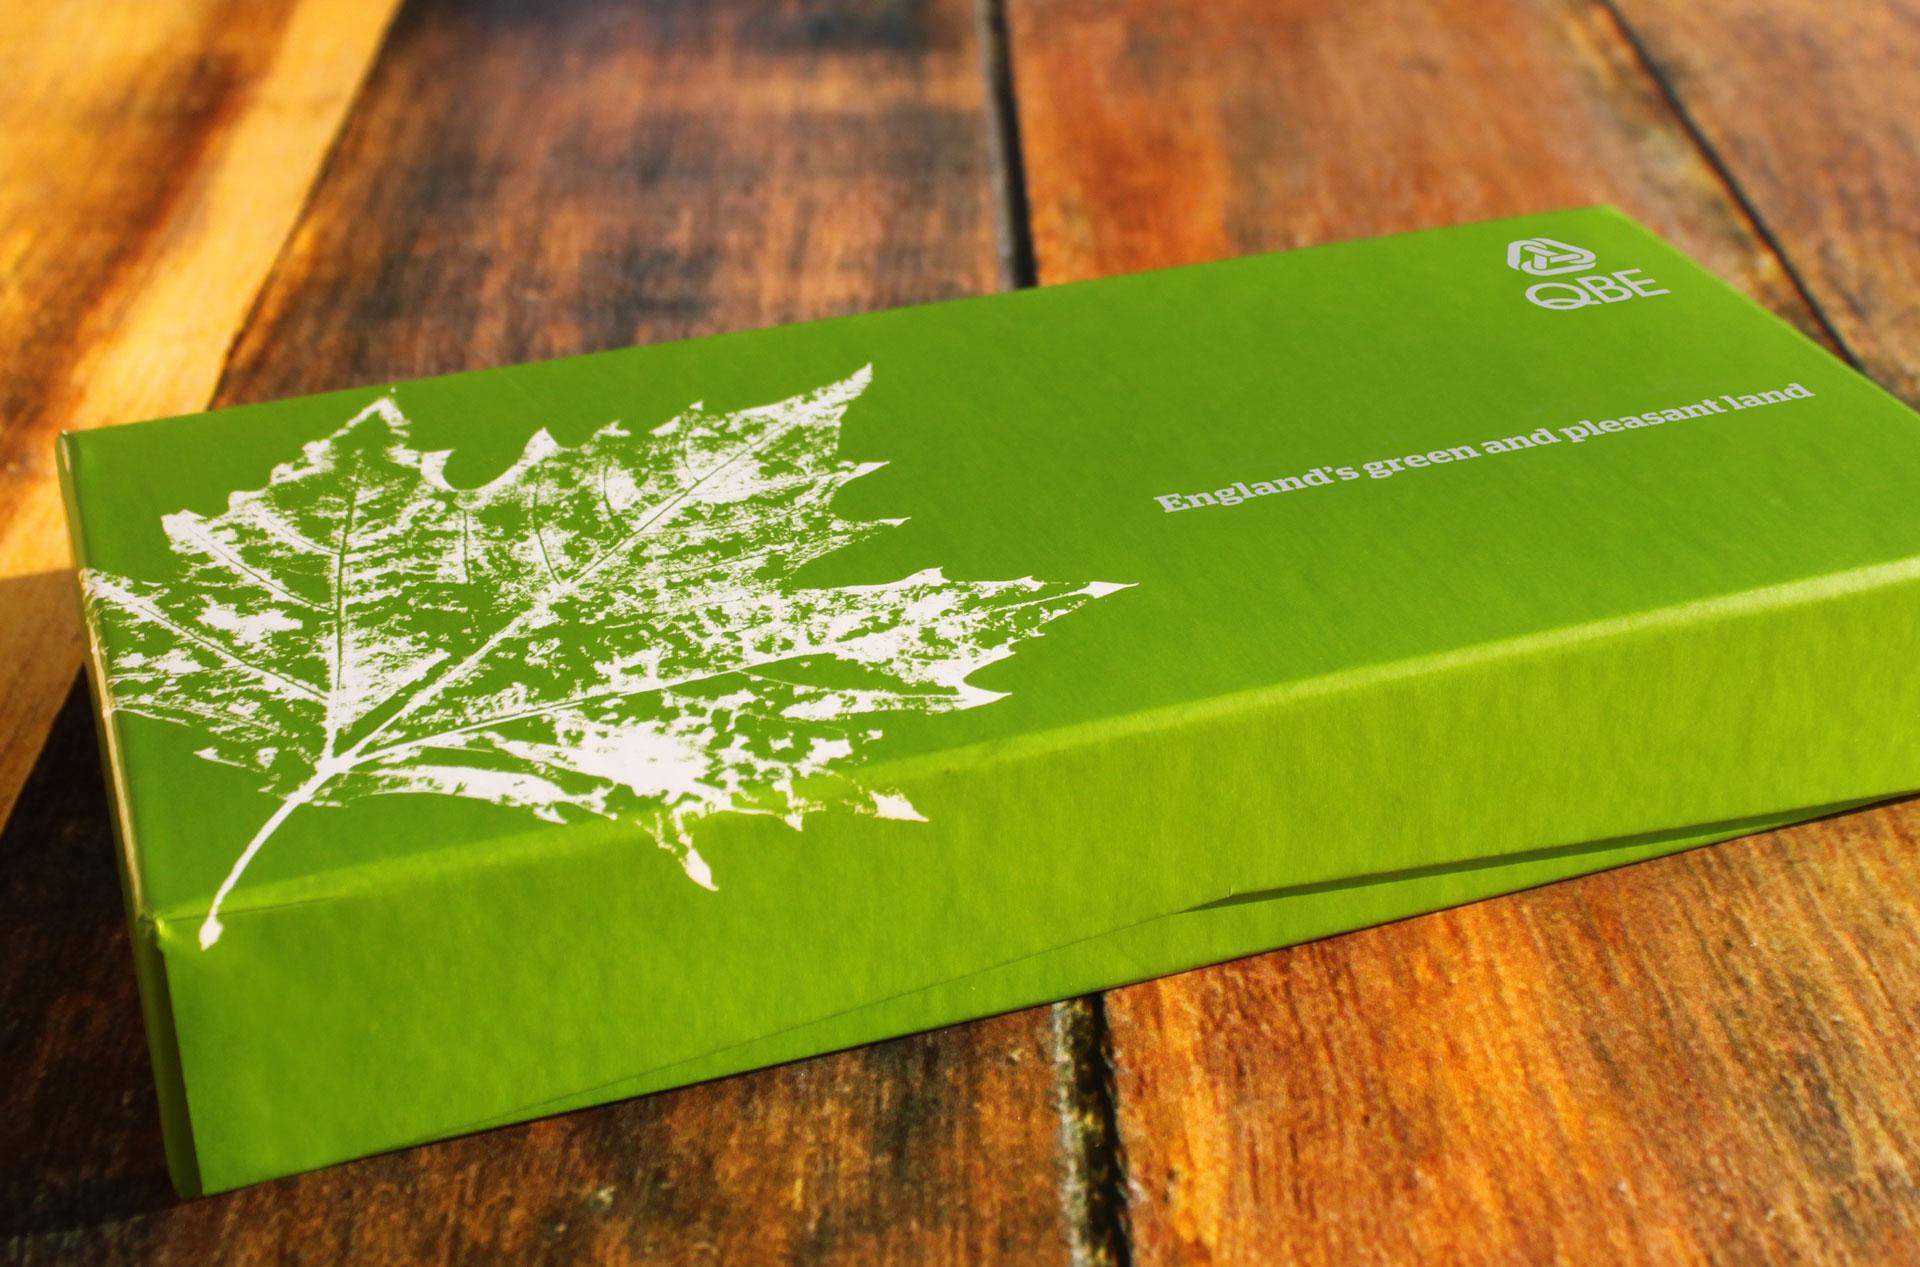 Glendale Creative QBE VIP Packs Box